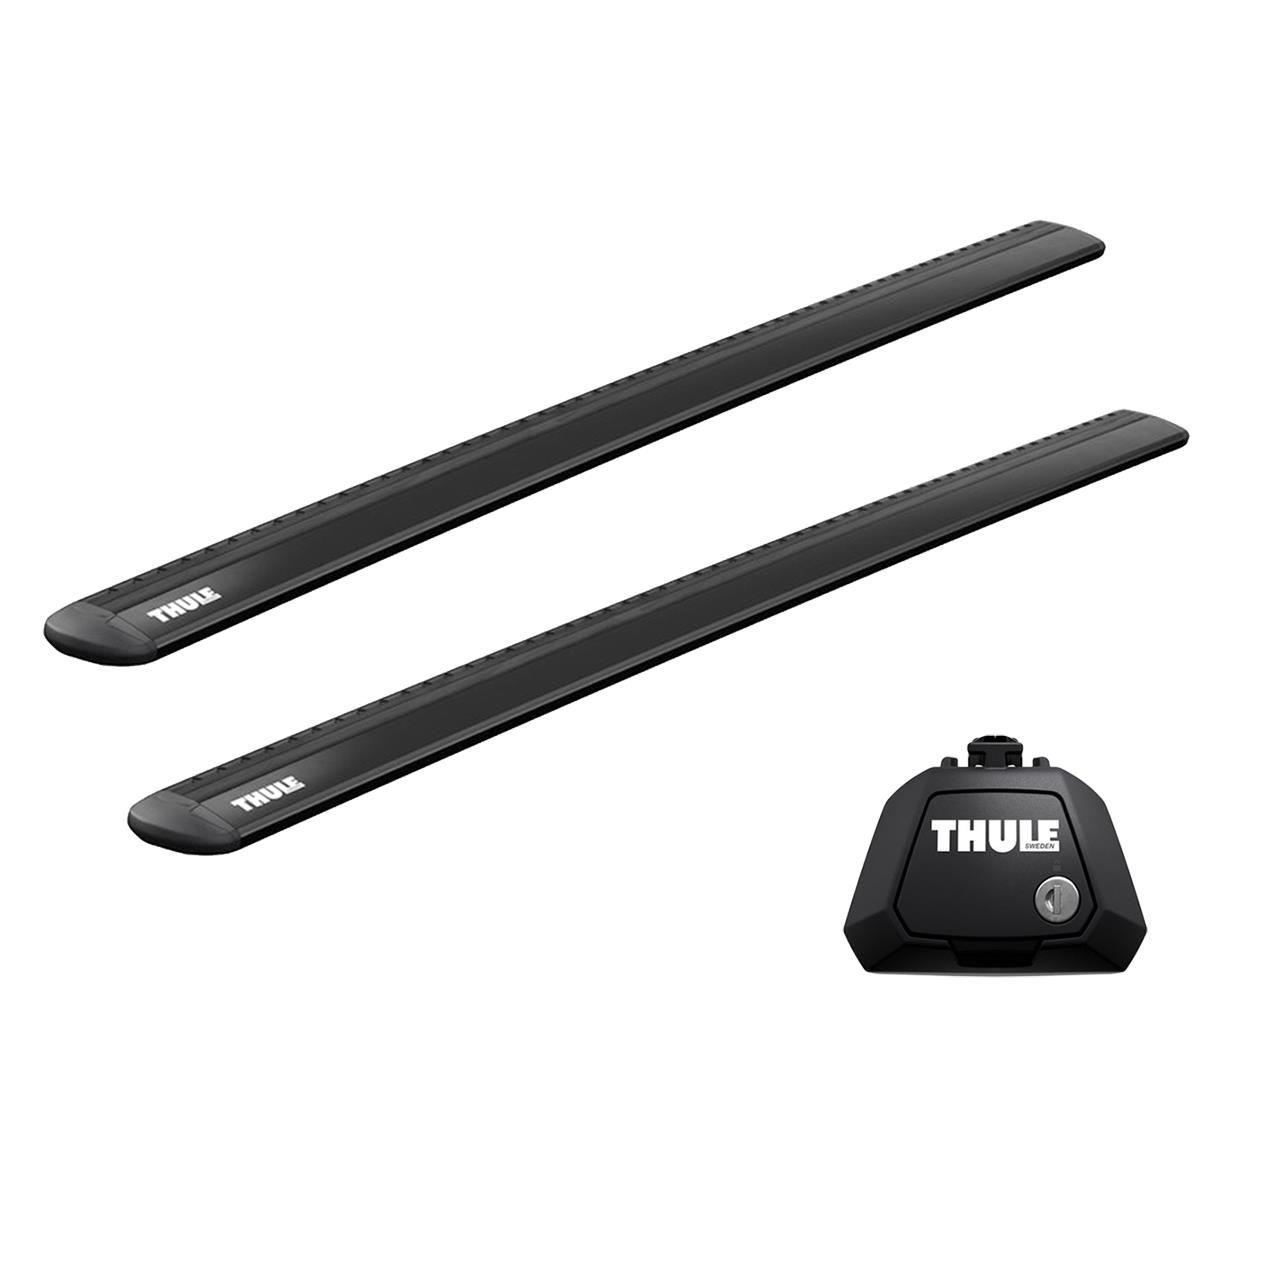 Напречни греди Thule Evo Raised Rail WingBar Evo 127cm в Черно за FIAT Stilo Multiwagon 5 врати Estate 02-07 с фабрични надлъжни греди с просвет 1